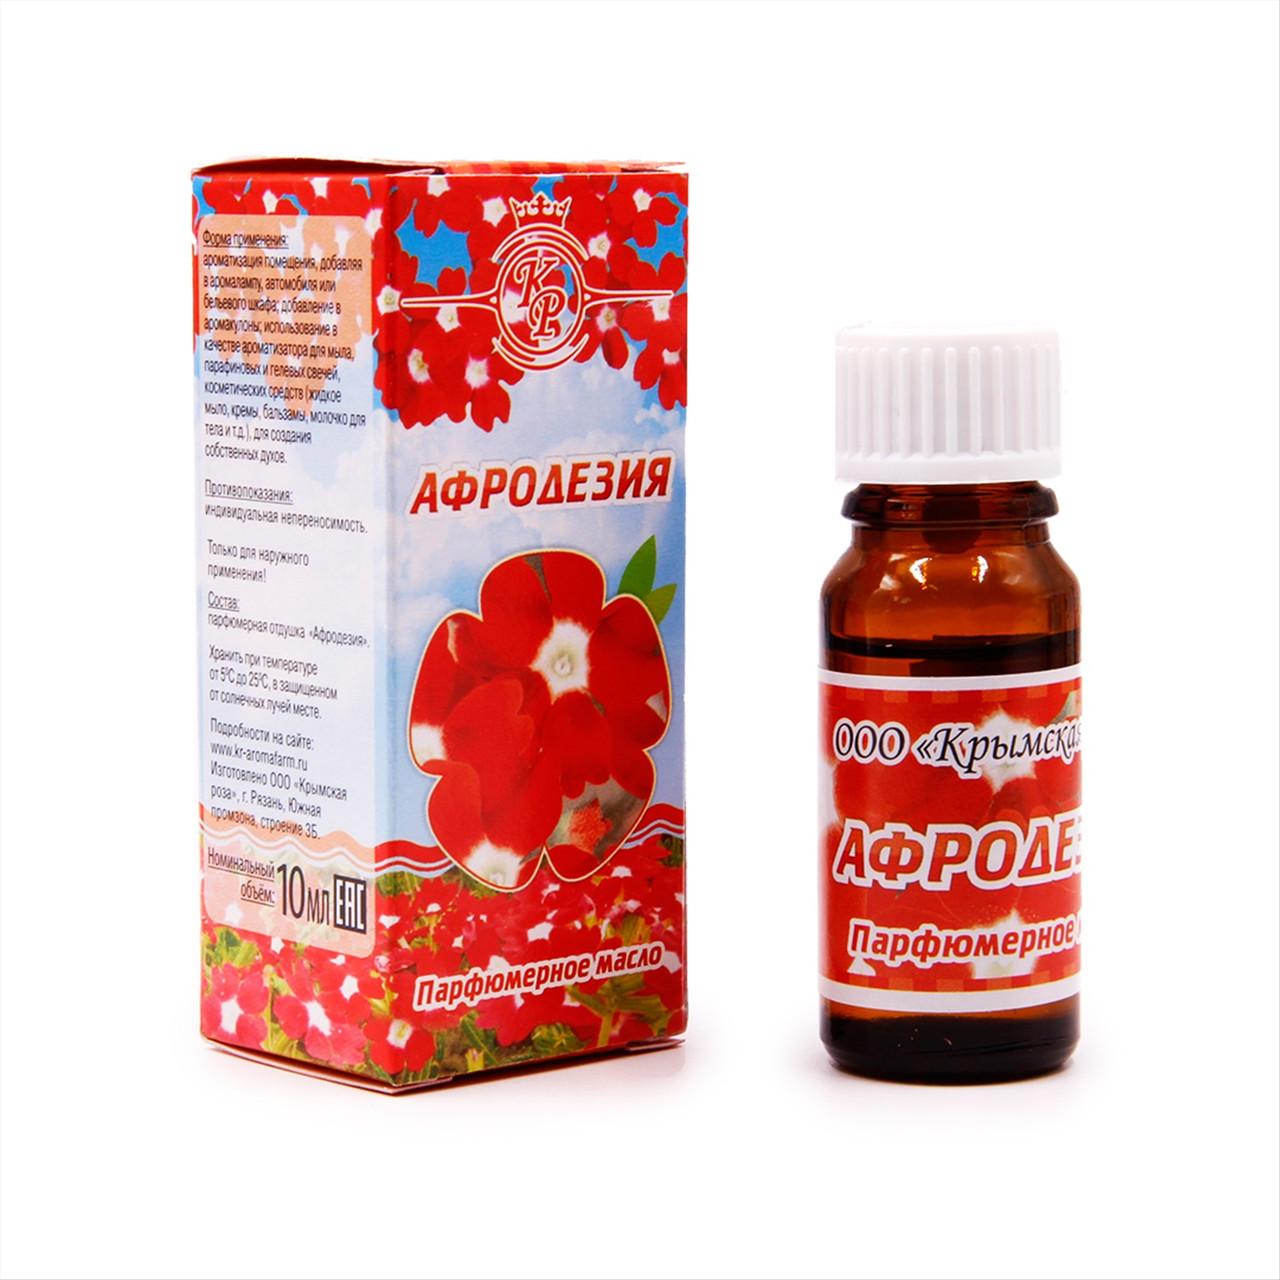 Афродезия, парфюмерное масло, 10 мл